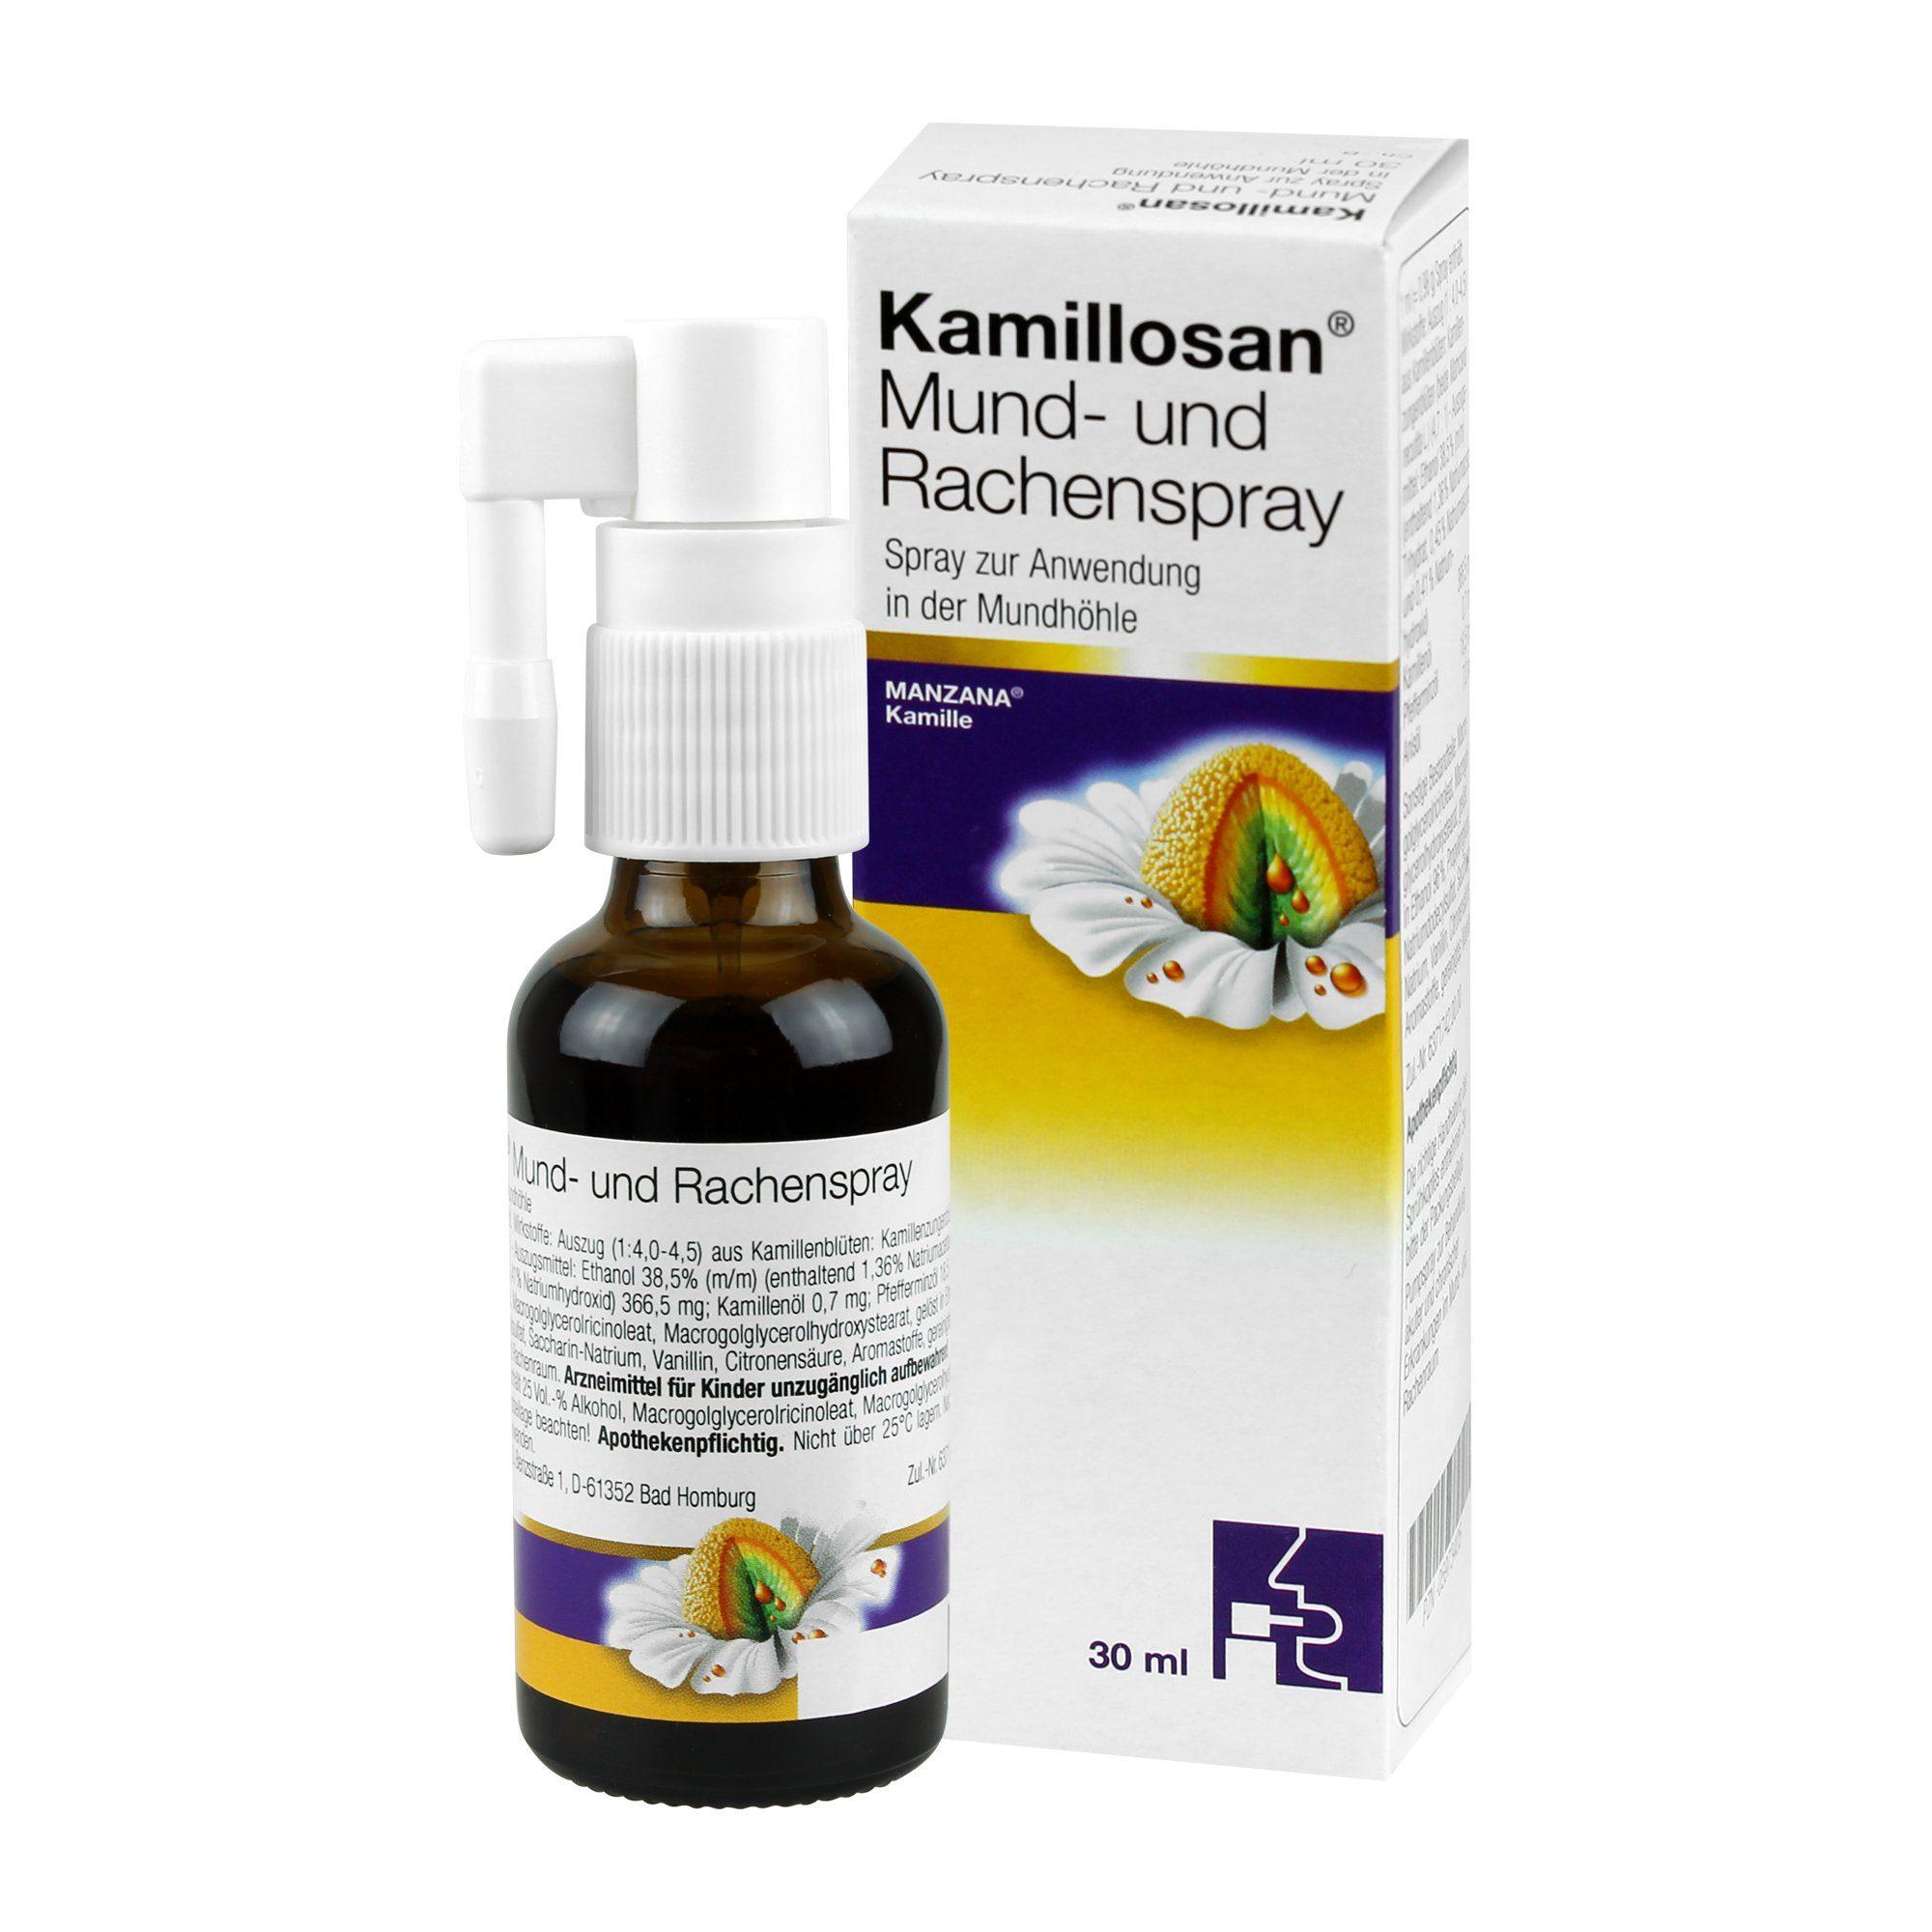 Kamillosan Mund- und Rachenspray, 30 ml